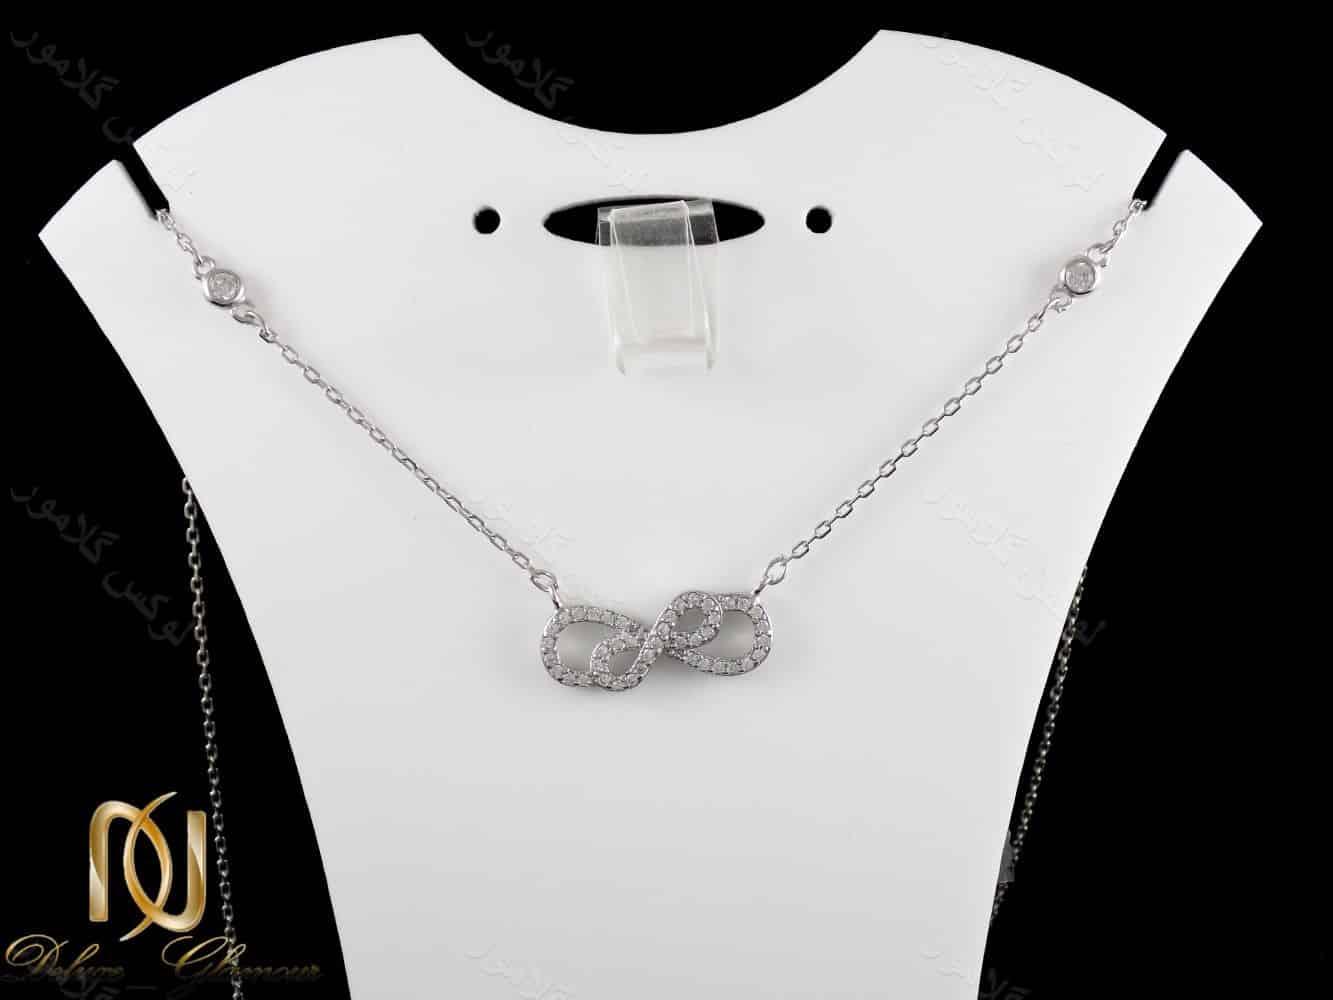 گردنبند نقره دخترانه طرح بی نهایت با نگین های کریستالی زیرکونیا nw-n169